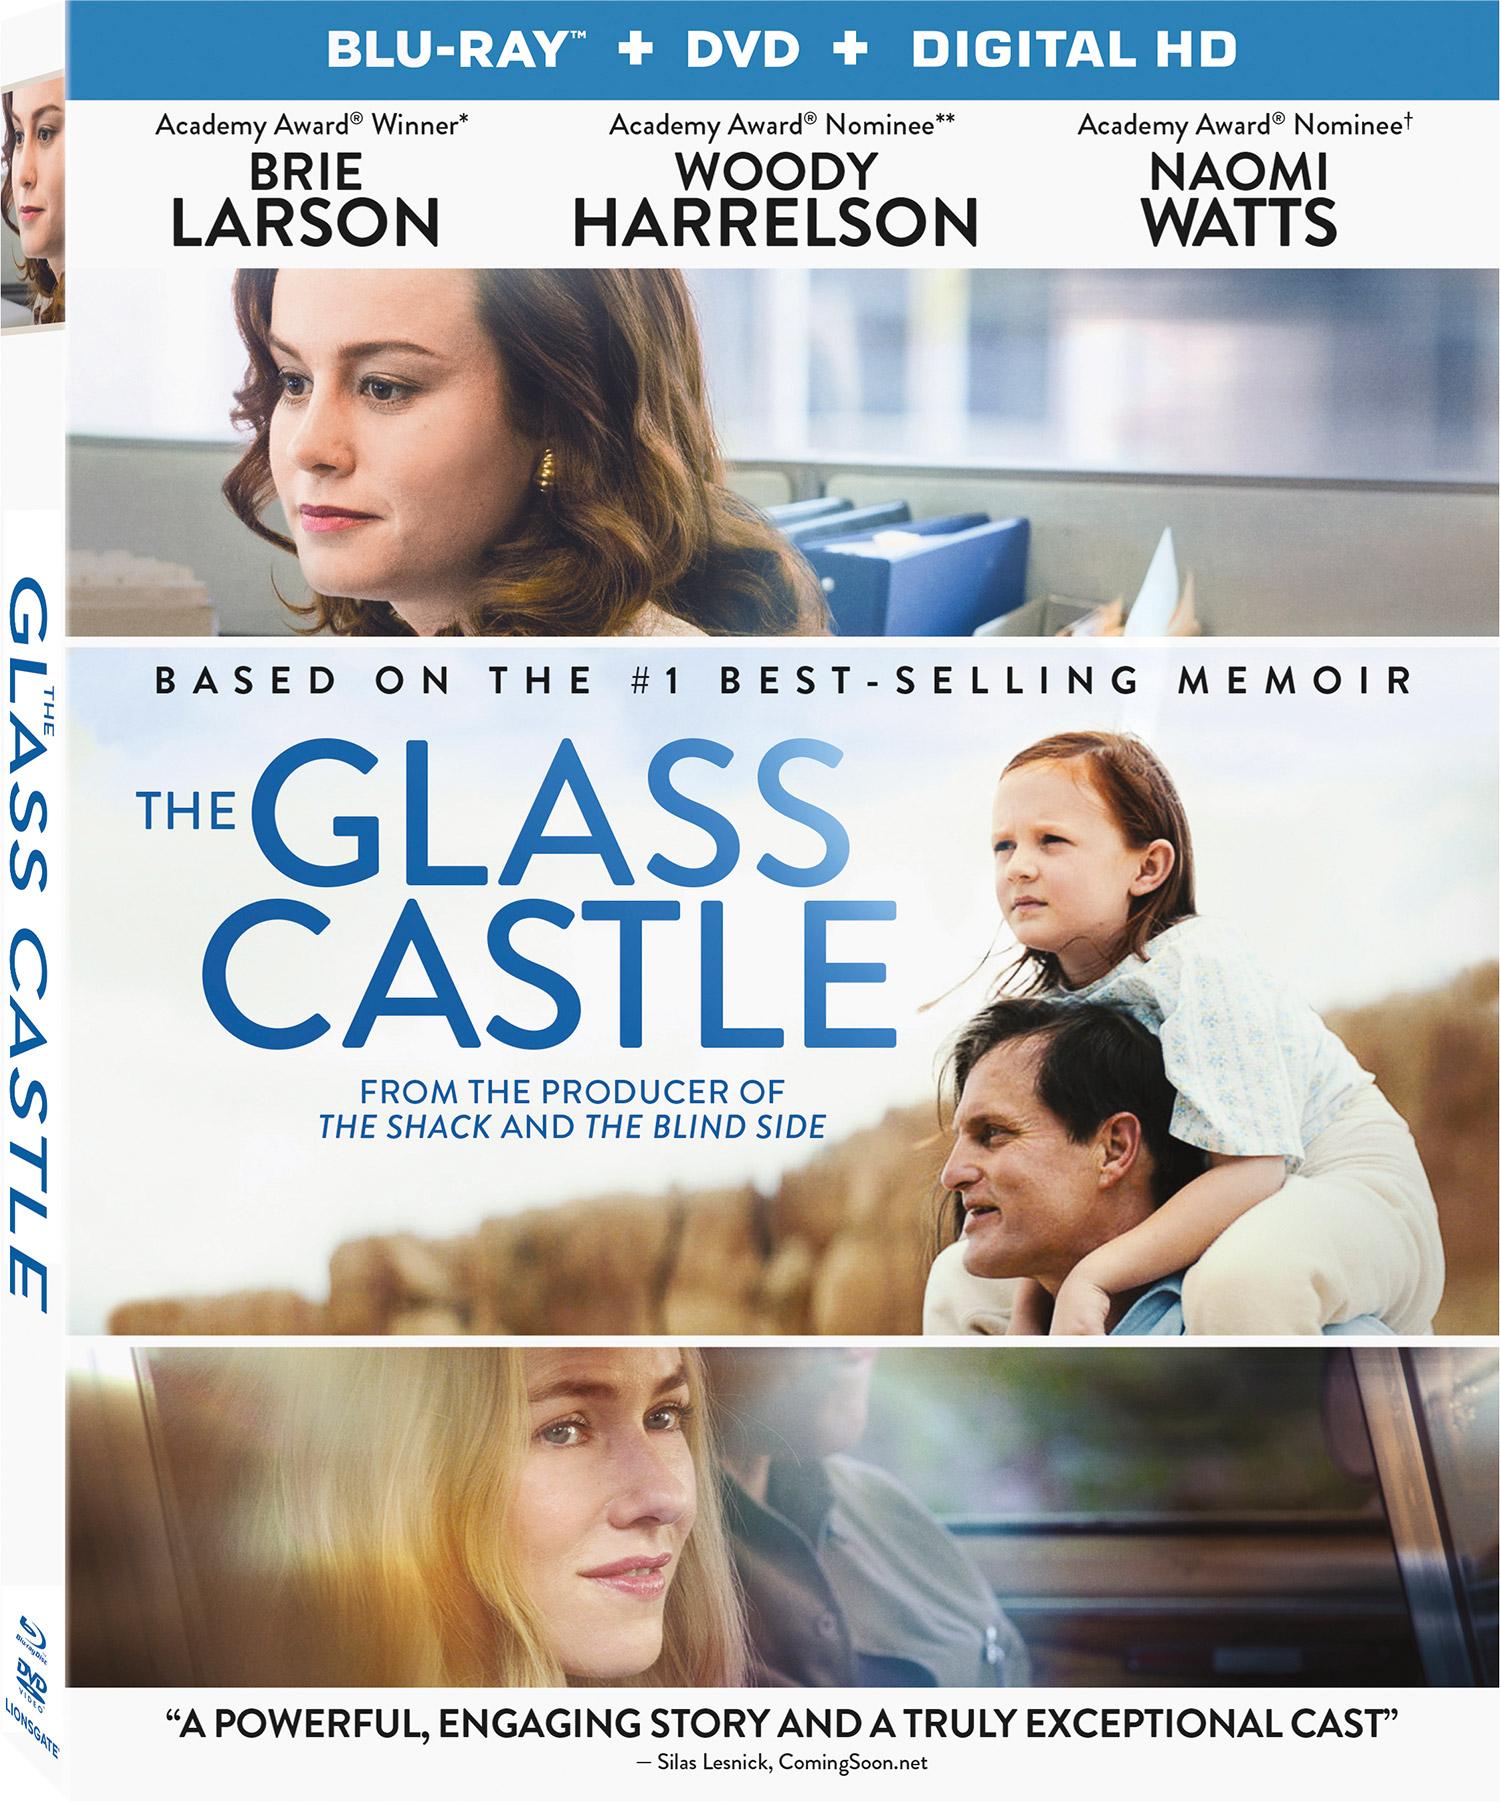 Parent reviews for The Glass Castle